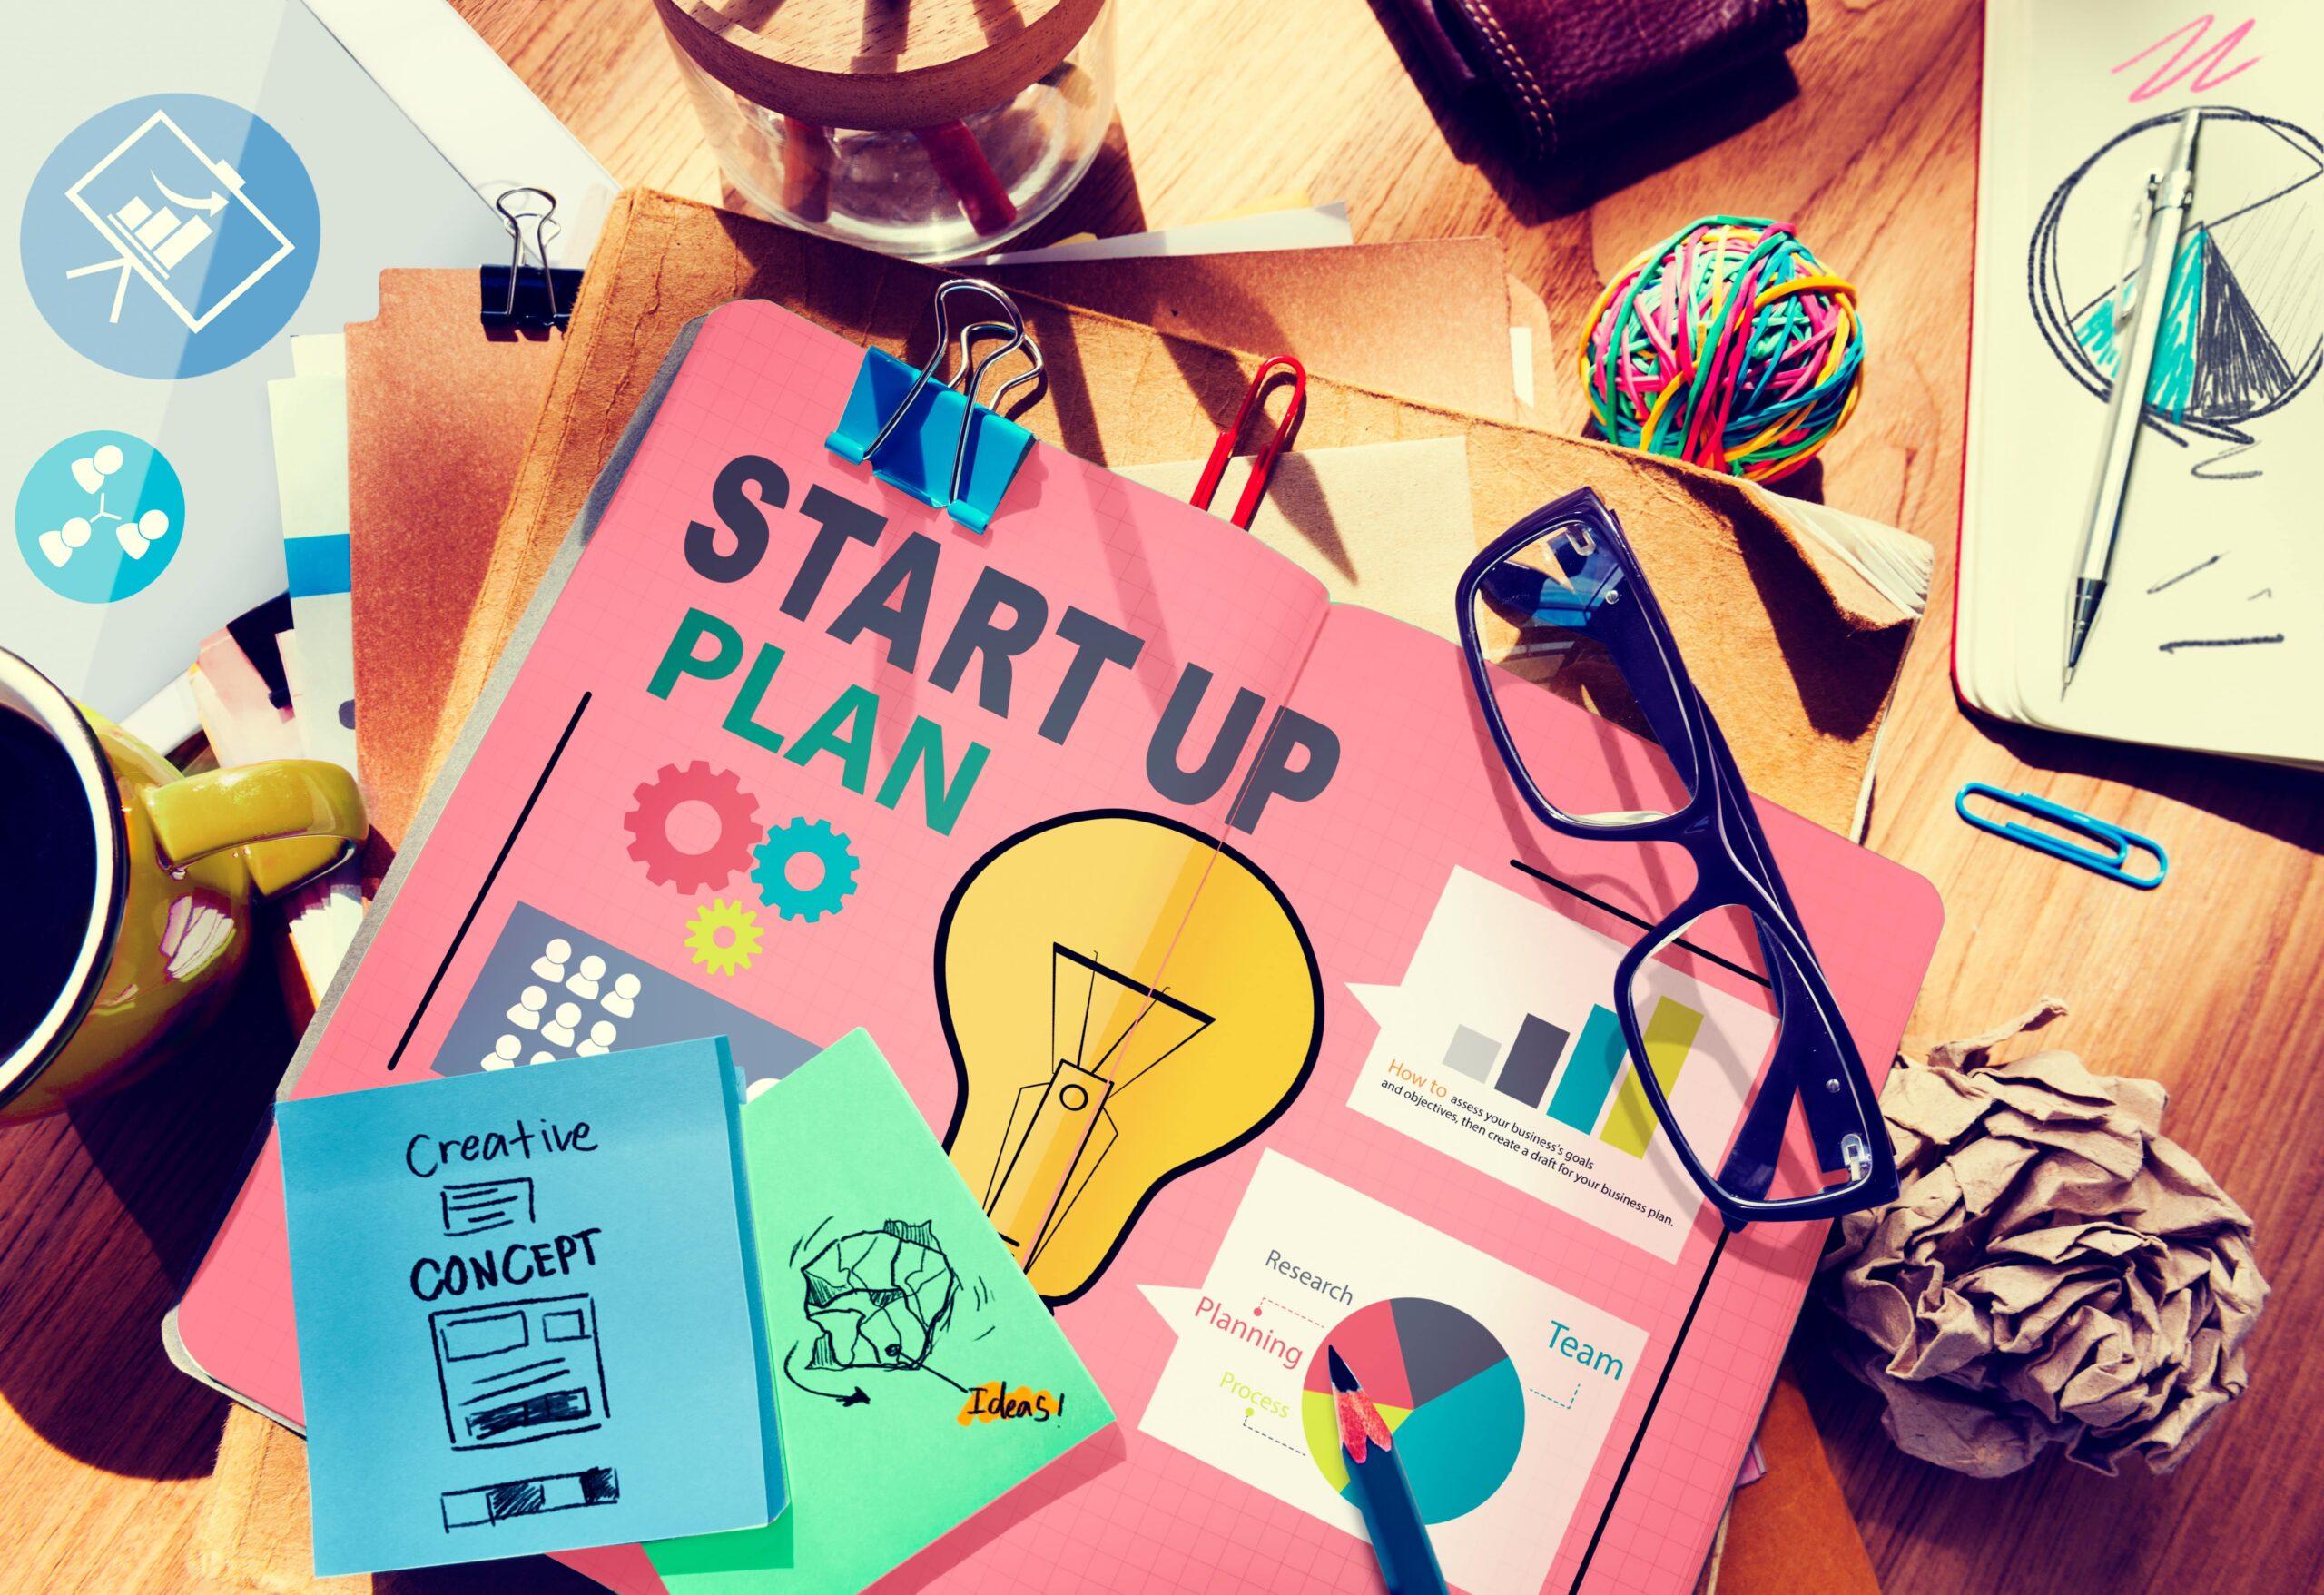 Startup Goals Growth Success Plan Business Plan Concept -